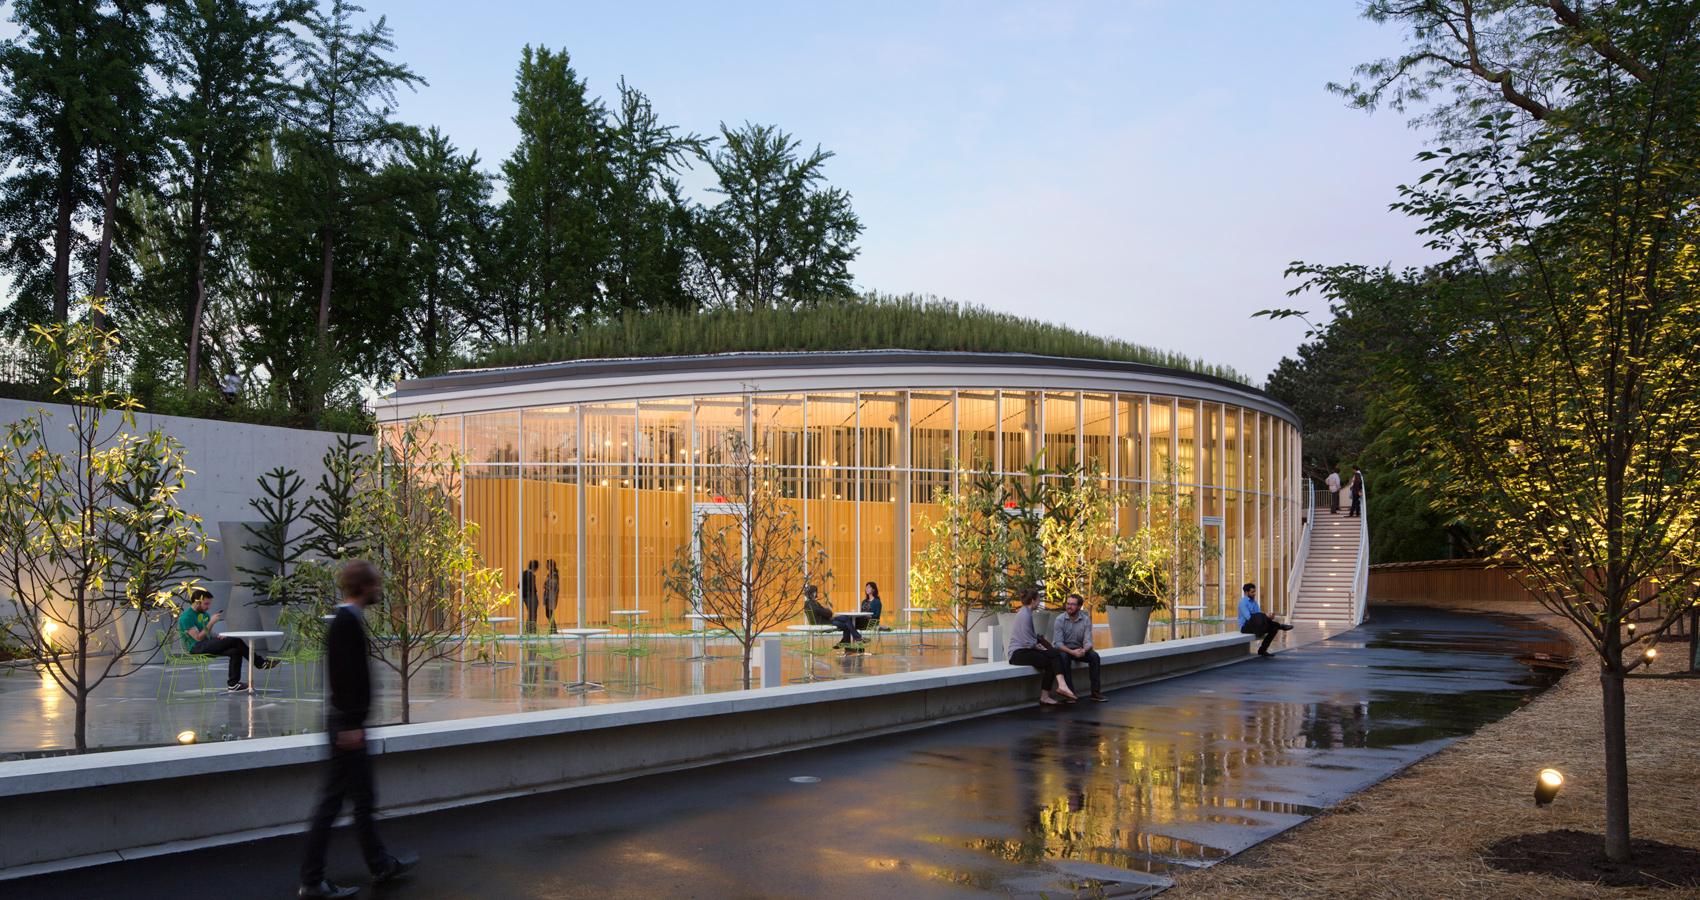 Brooklyn Botanic Garden Visitor Center Architect Magazine Weiss Manfredi Architecture